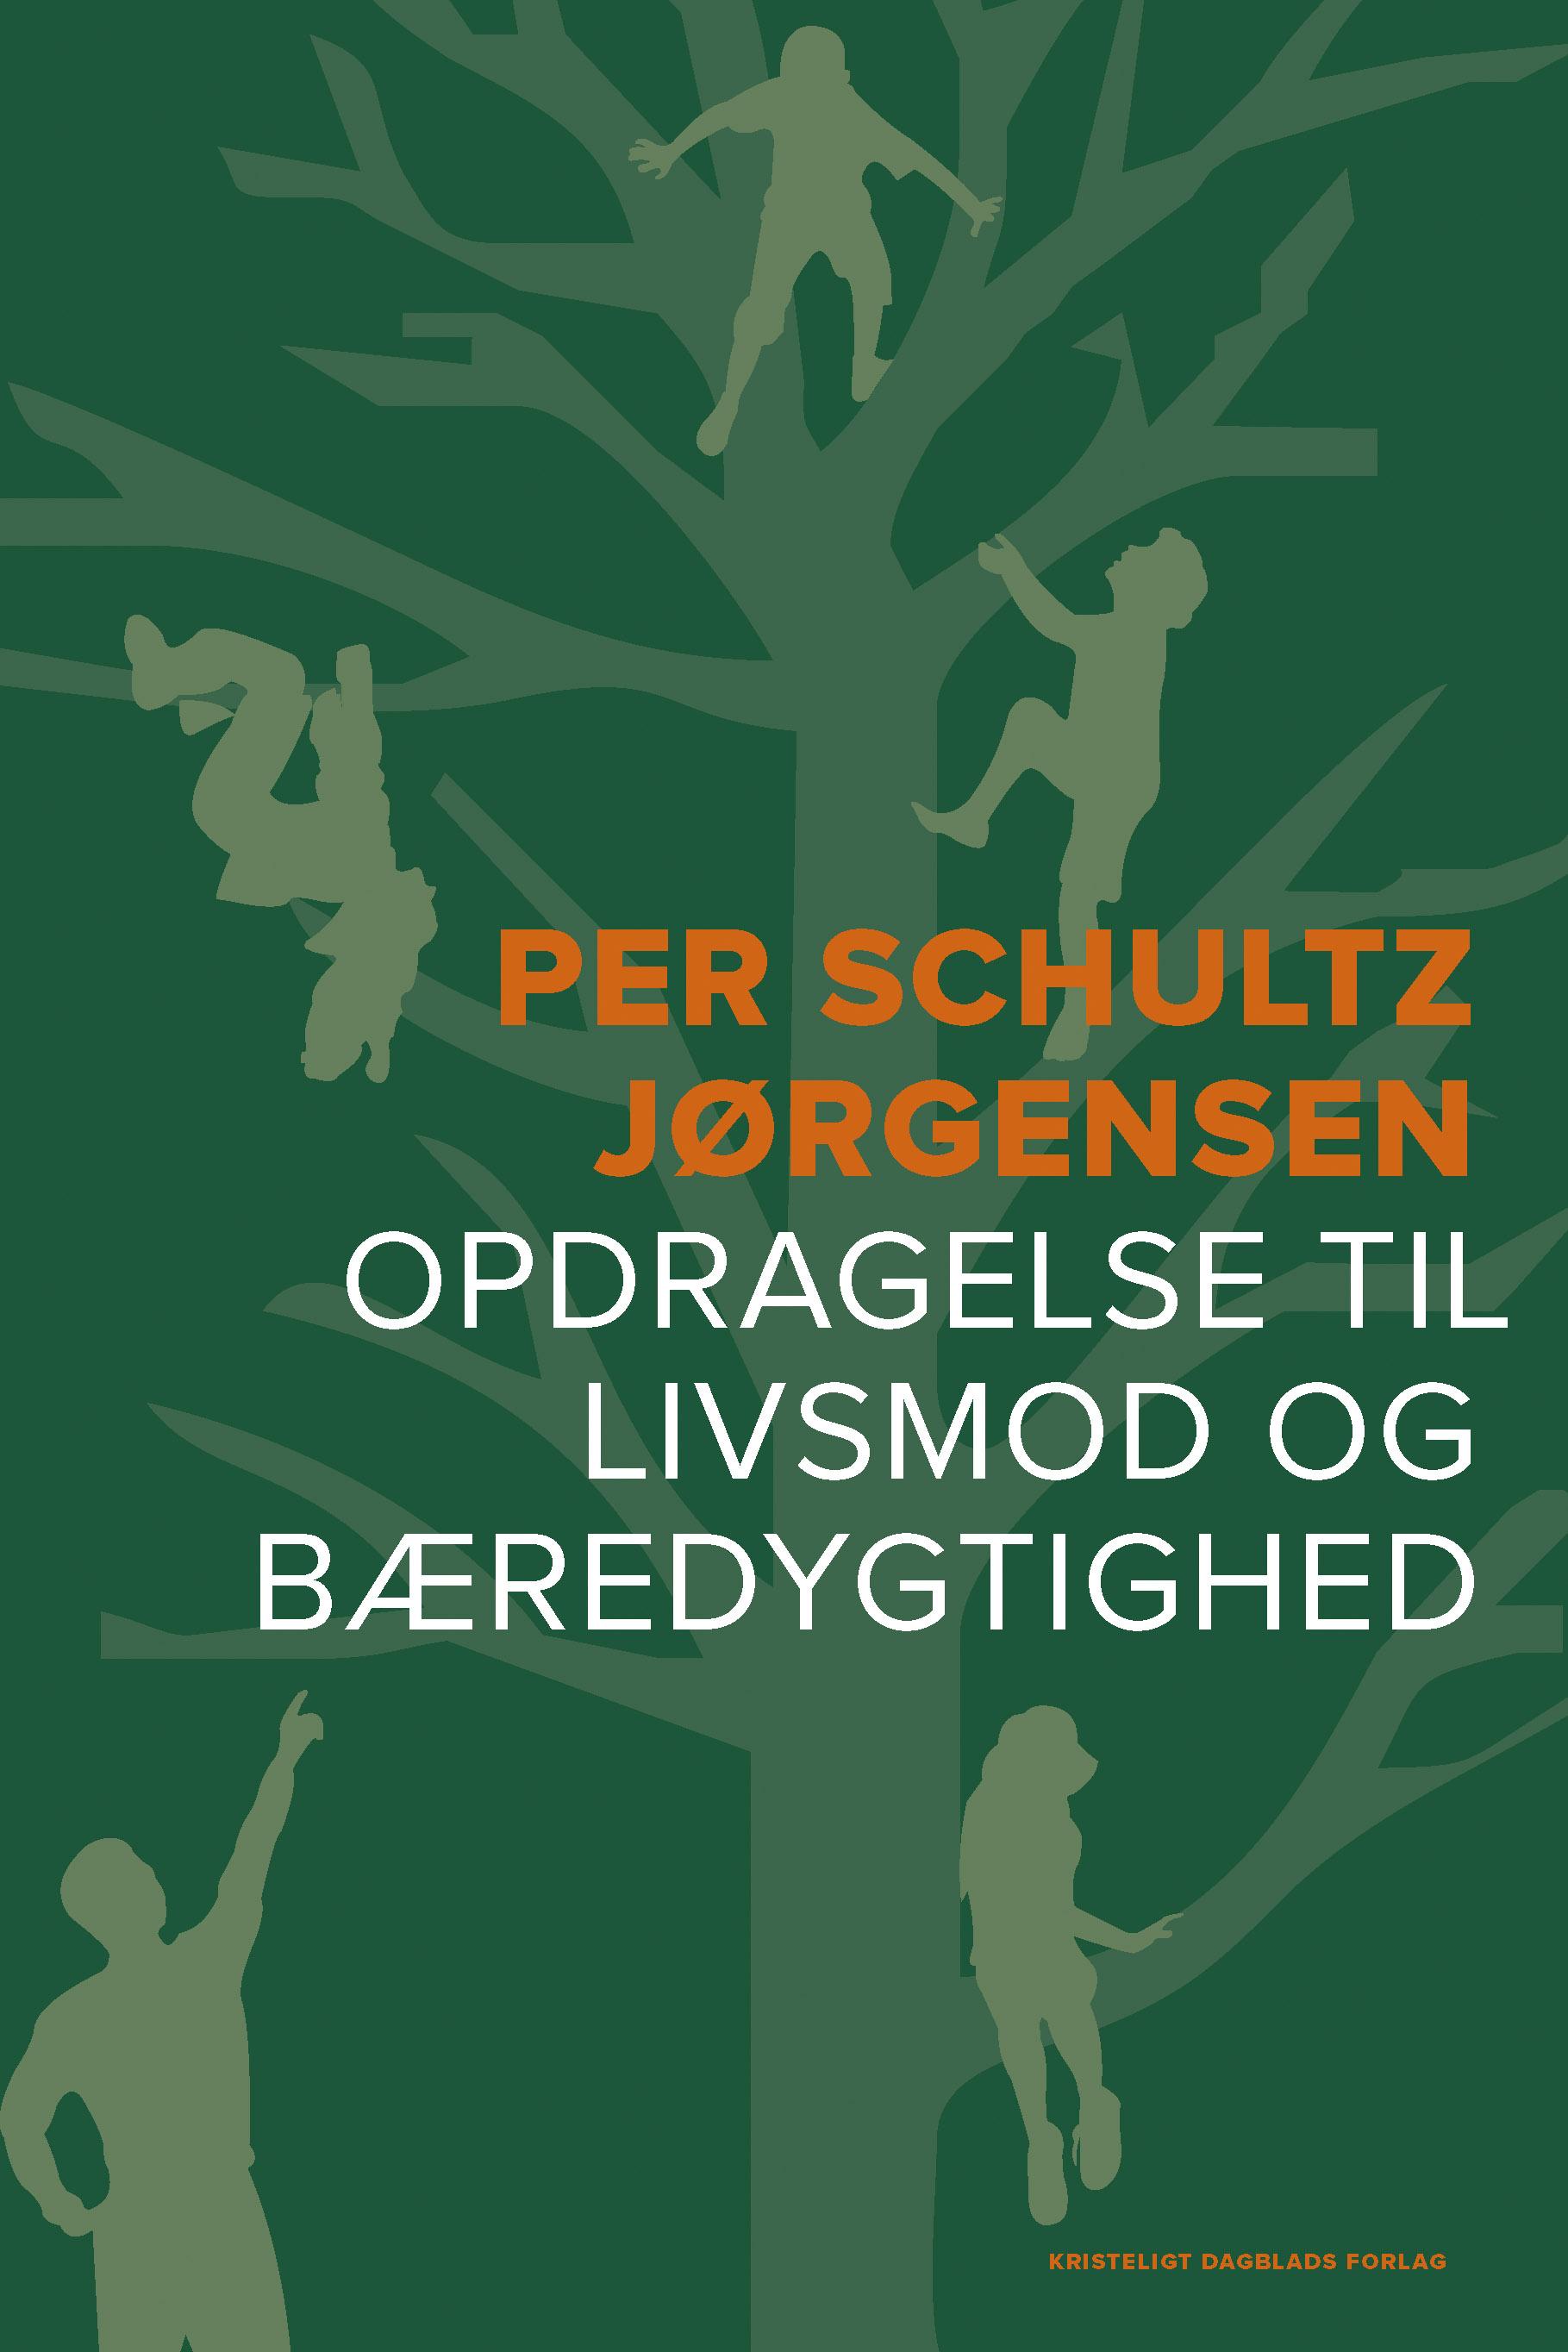 Opdragelse til livsmod og bæredygtighed - Per Schultz Jørgensen - Bøger - Kristeligt Dagblads Forlag - 9788774674580 - August 31, 2020